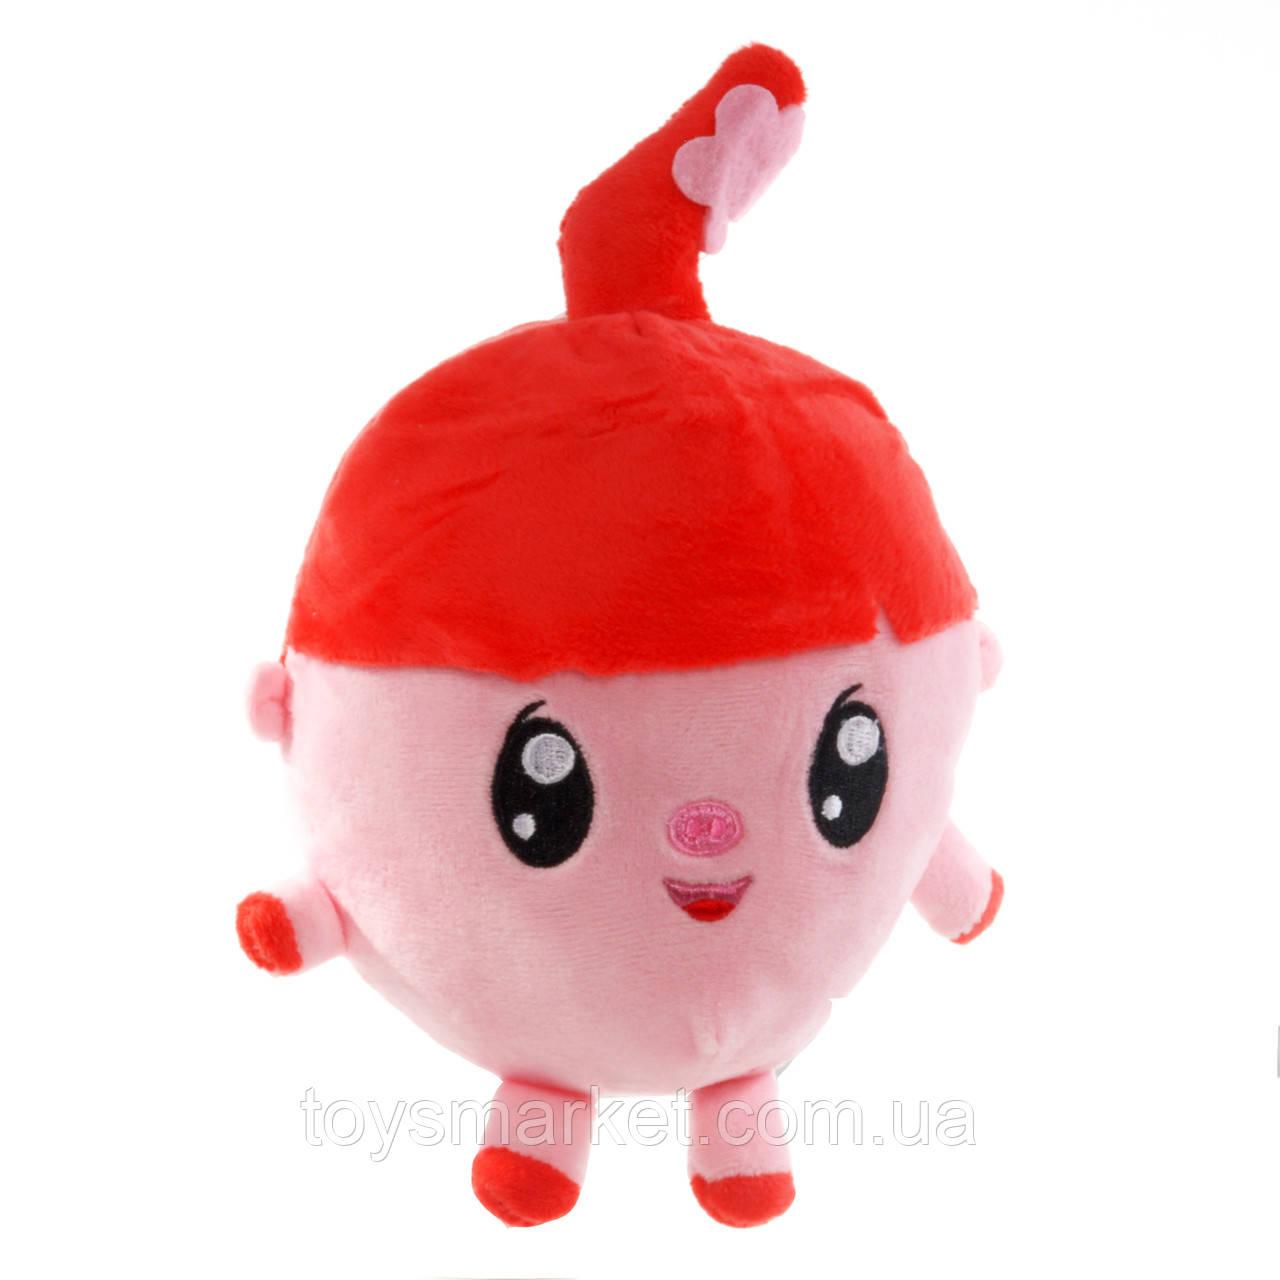 Детская мягкая игрушка,малышарики,Нюшенька1